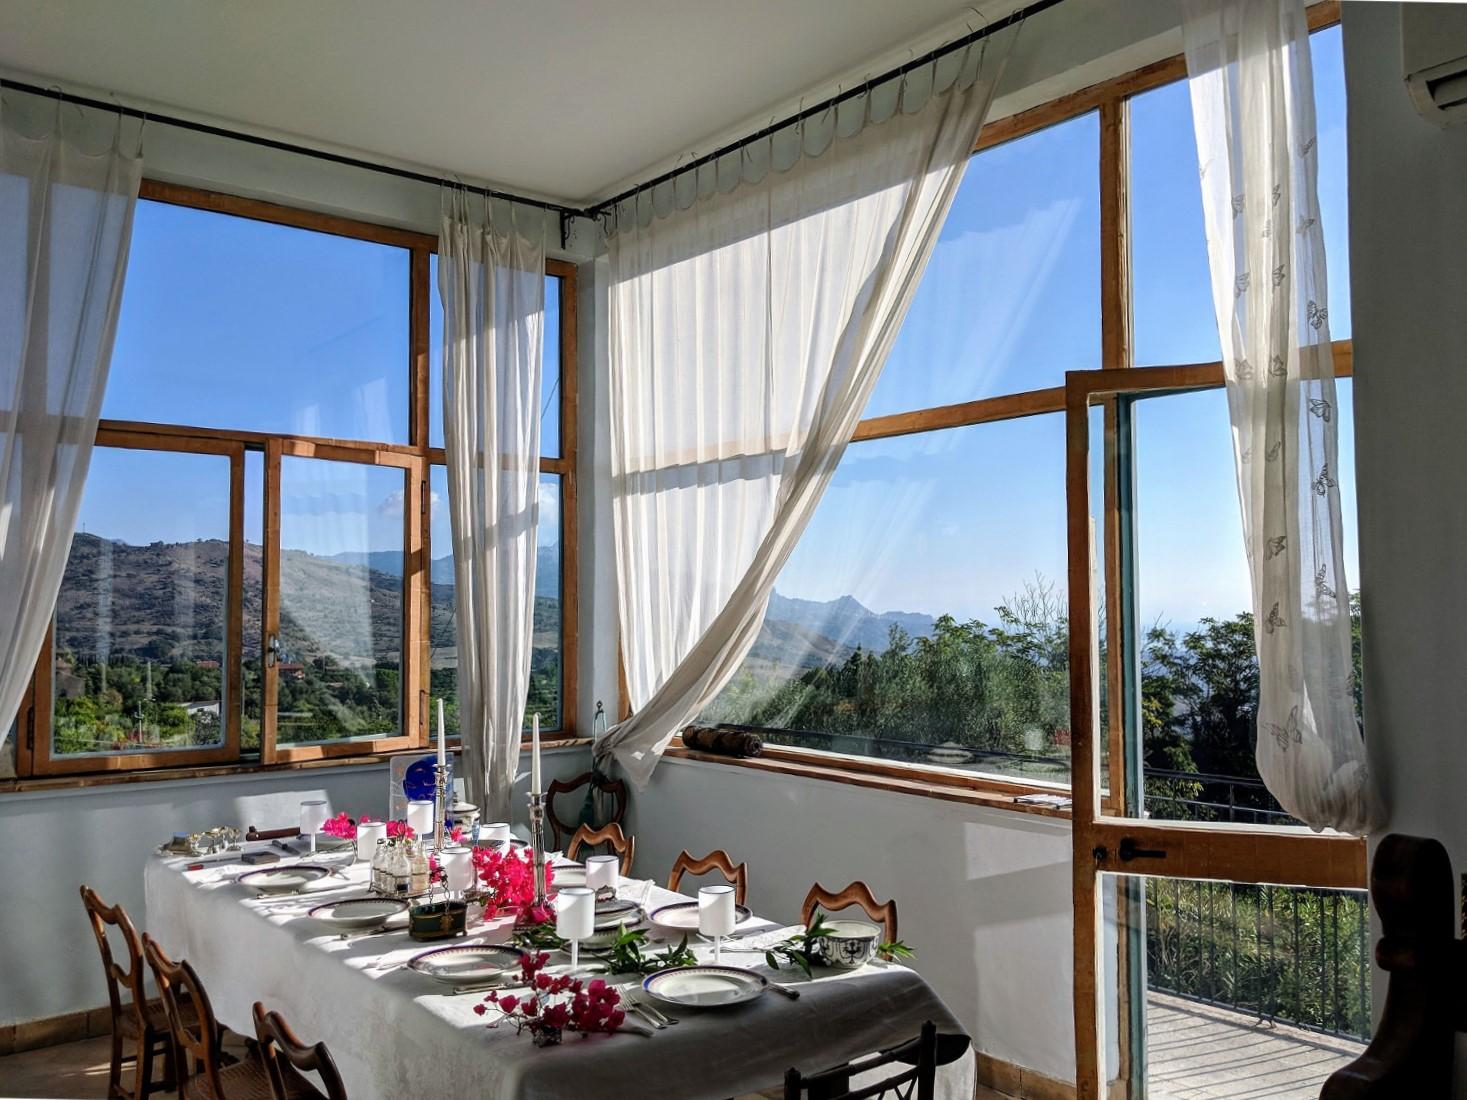 7 dining room windows villa ama sicily.jpg